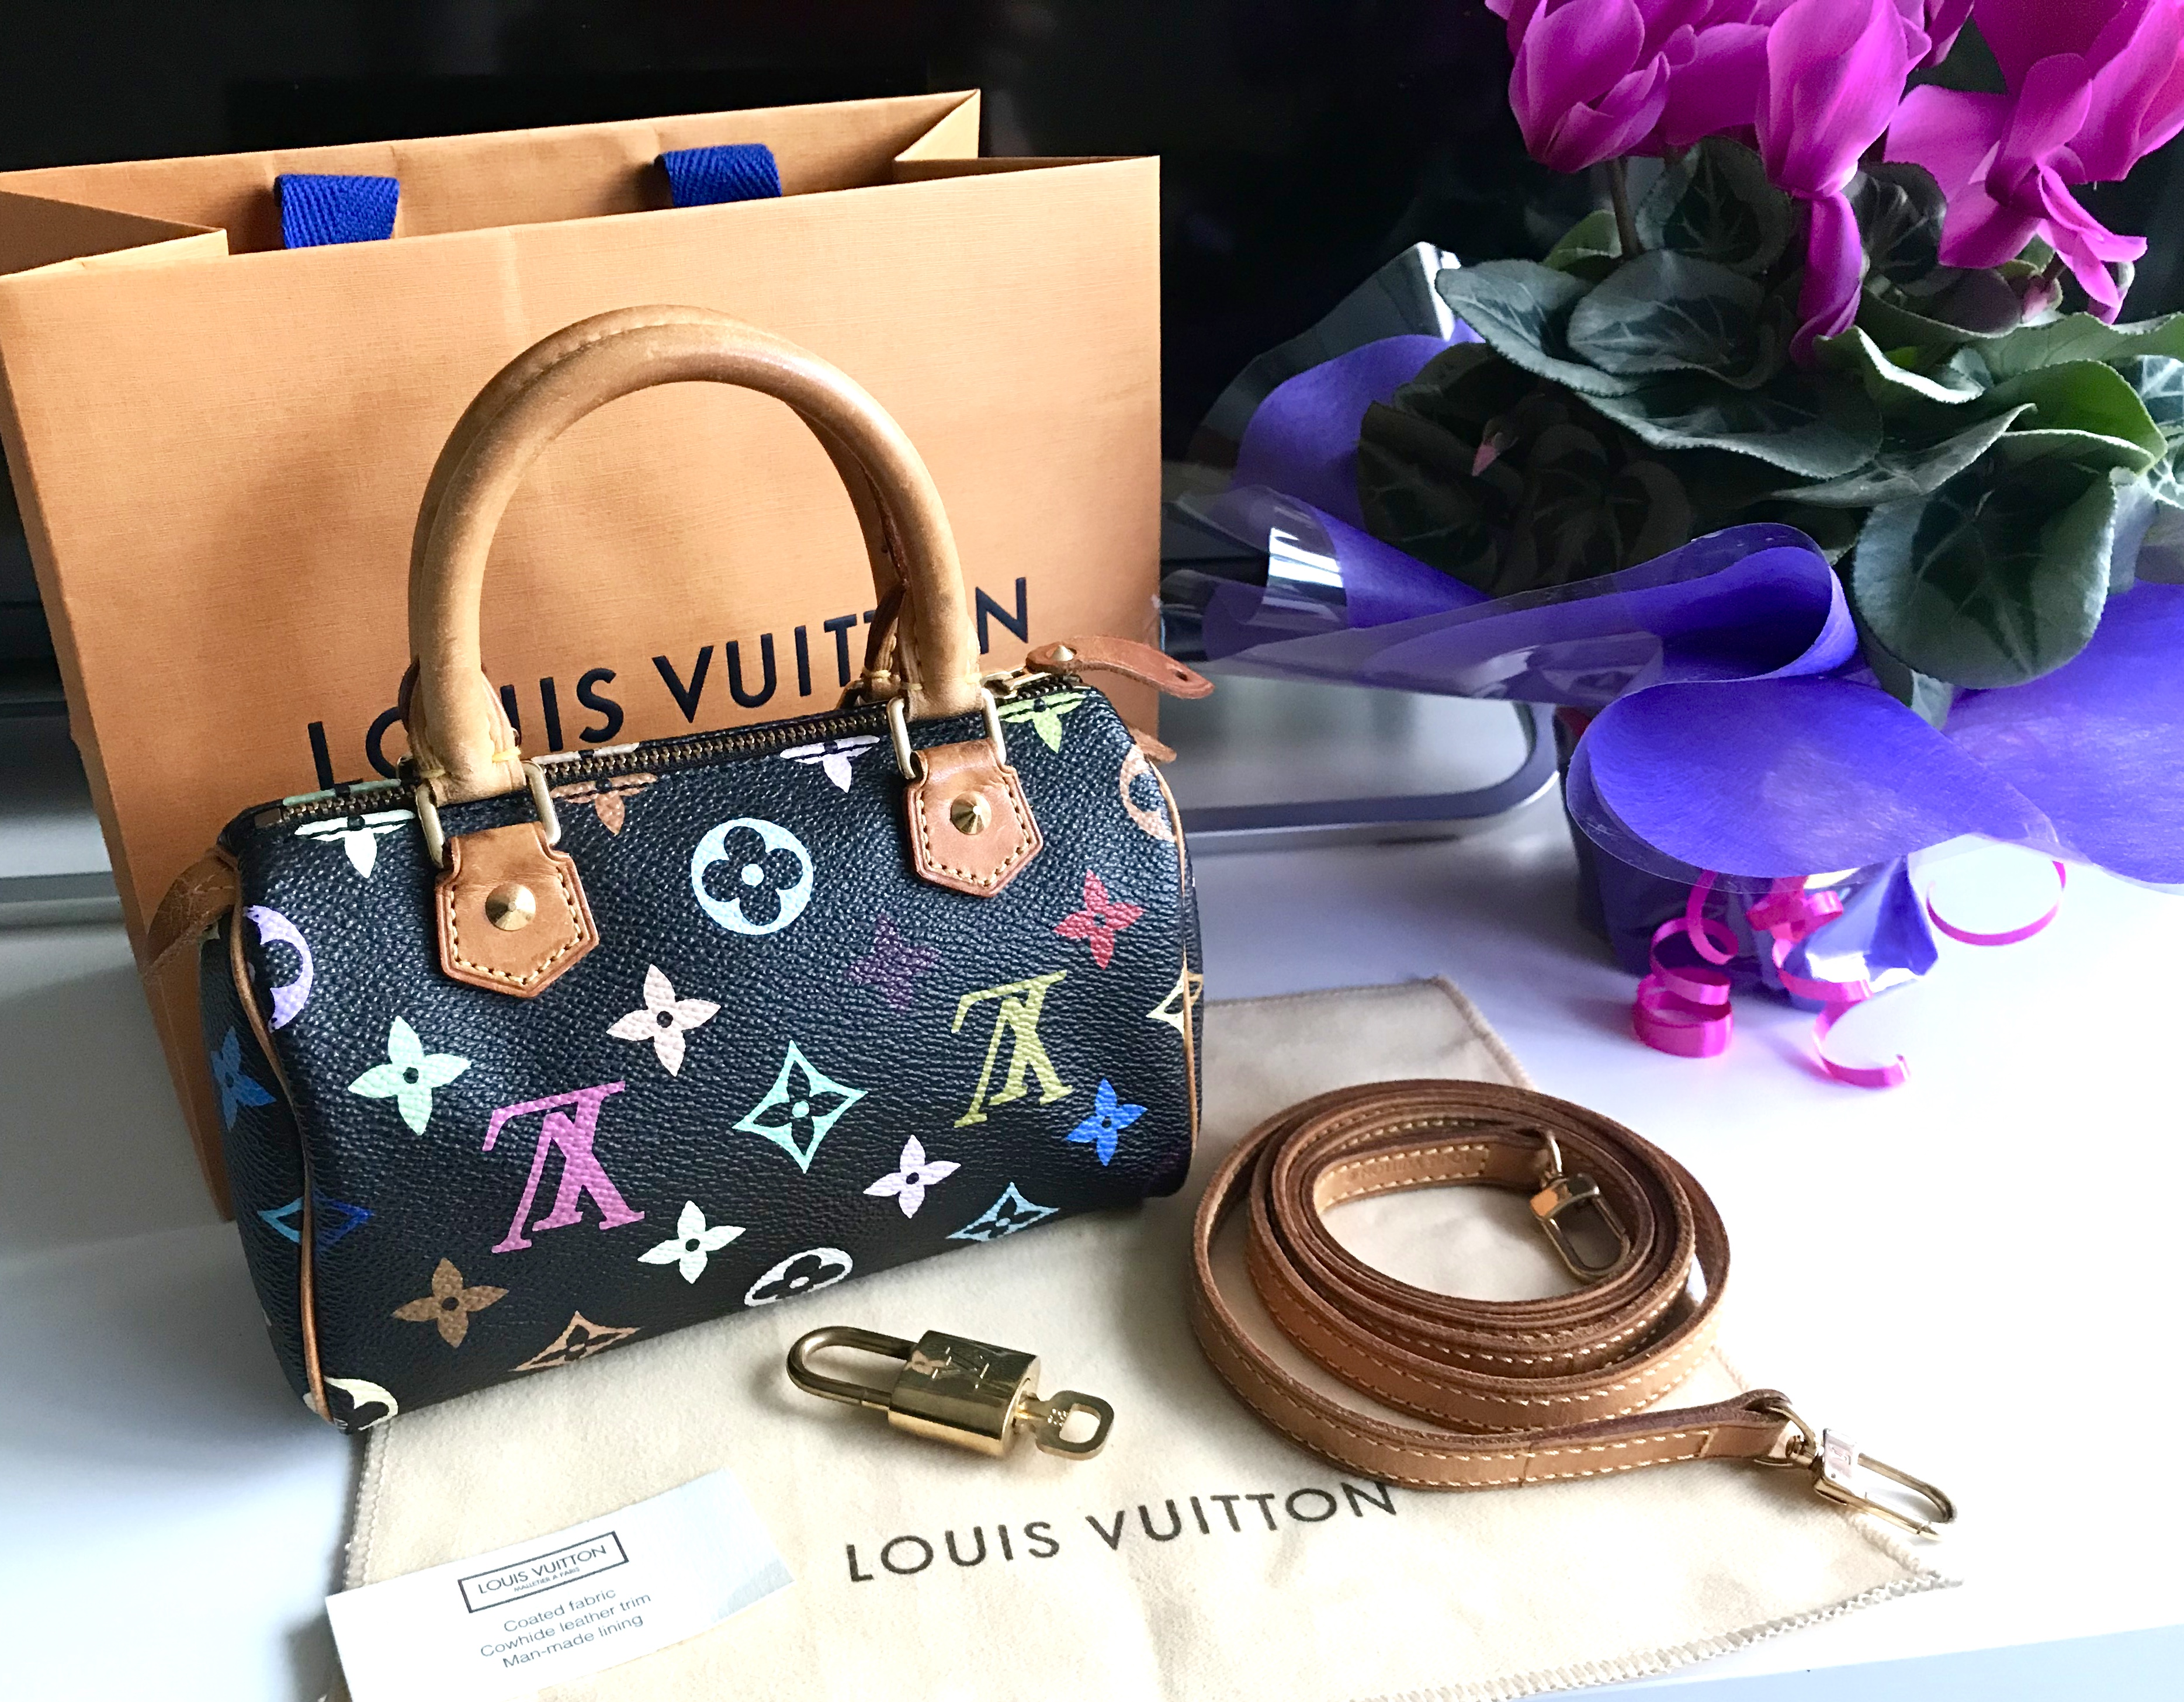 Home   Brand   Louis Vuitton   Louis Vuitton Black Multicolor Mini Speedy  Nano Handbag c2557e8e0397e